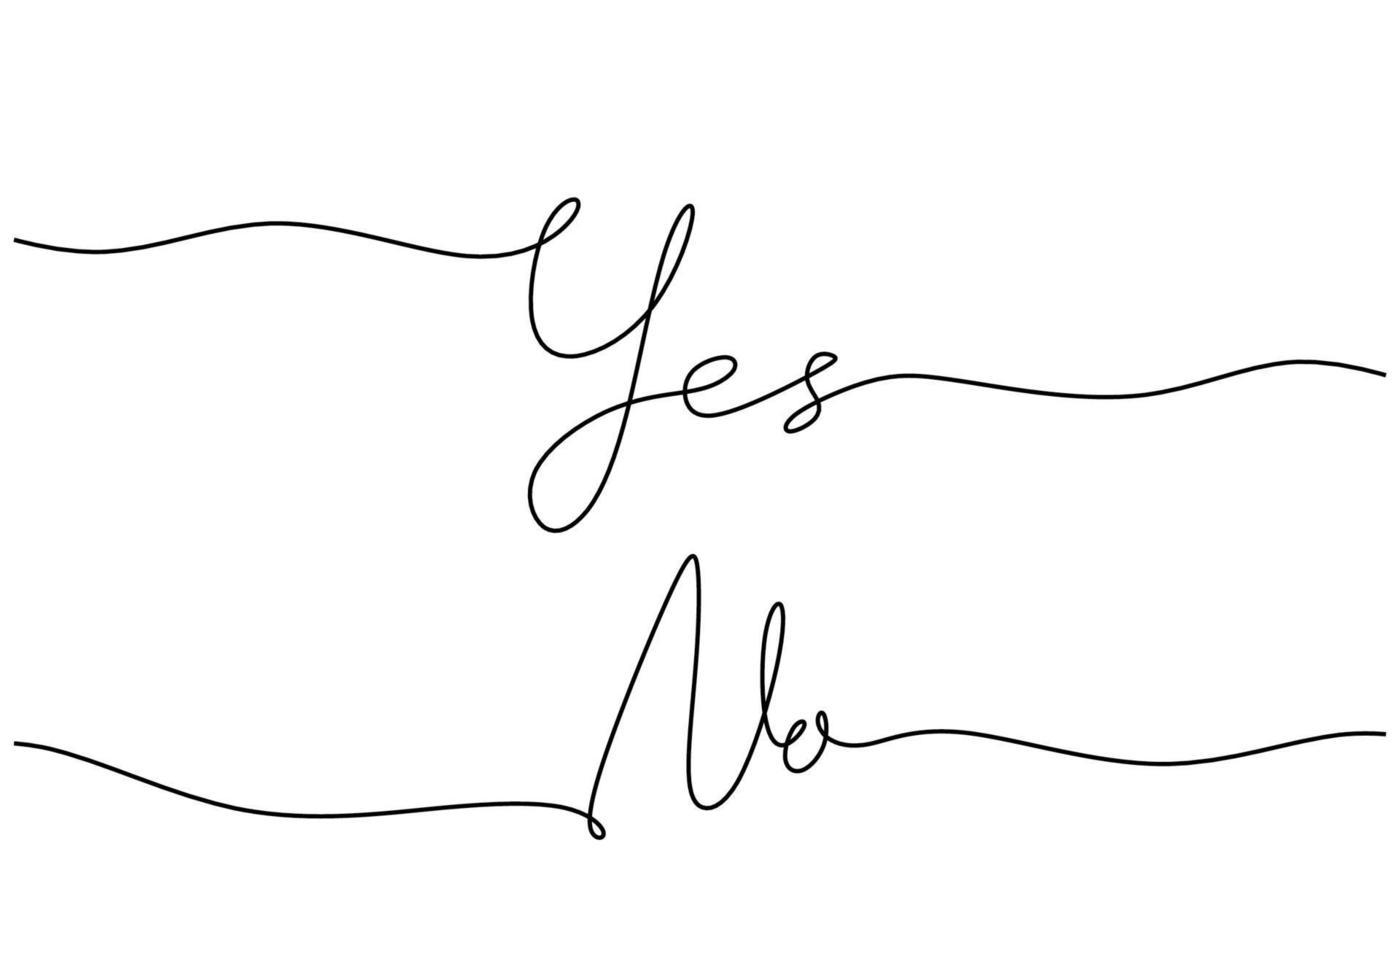 handgeschrieben ja nein wort eine zeile. handgezeichnete Schrift. Kalligraphie. eine Strichzeichnung der Phrase. kontinuierliche schwarze Strichzeichnung ja nein Wort. minimalistisches Wortkonzept. vektor